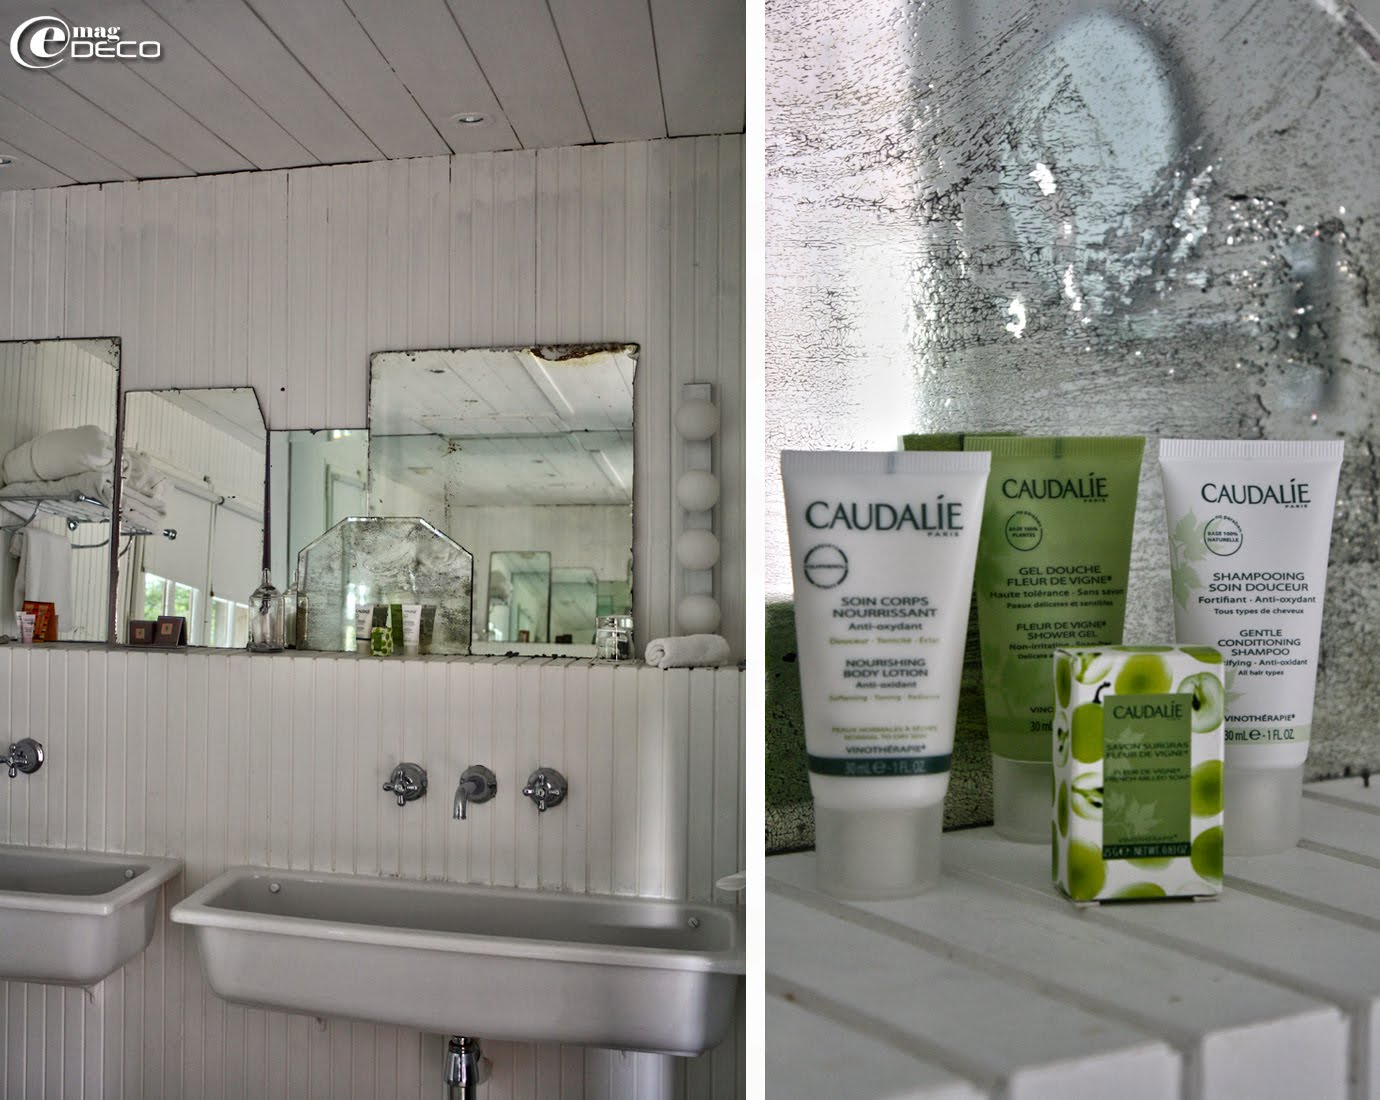 Lavabos collectifs auge Porcher, vieux miroirs au mercure, Salle de bain de la Suite L'Île aux Oiseaux, Les Sources de Caudalie